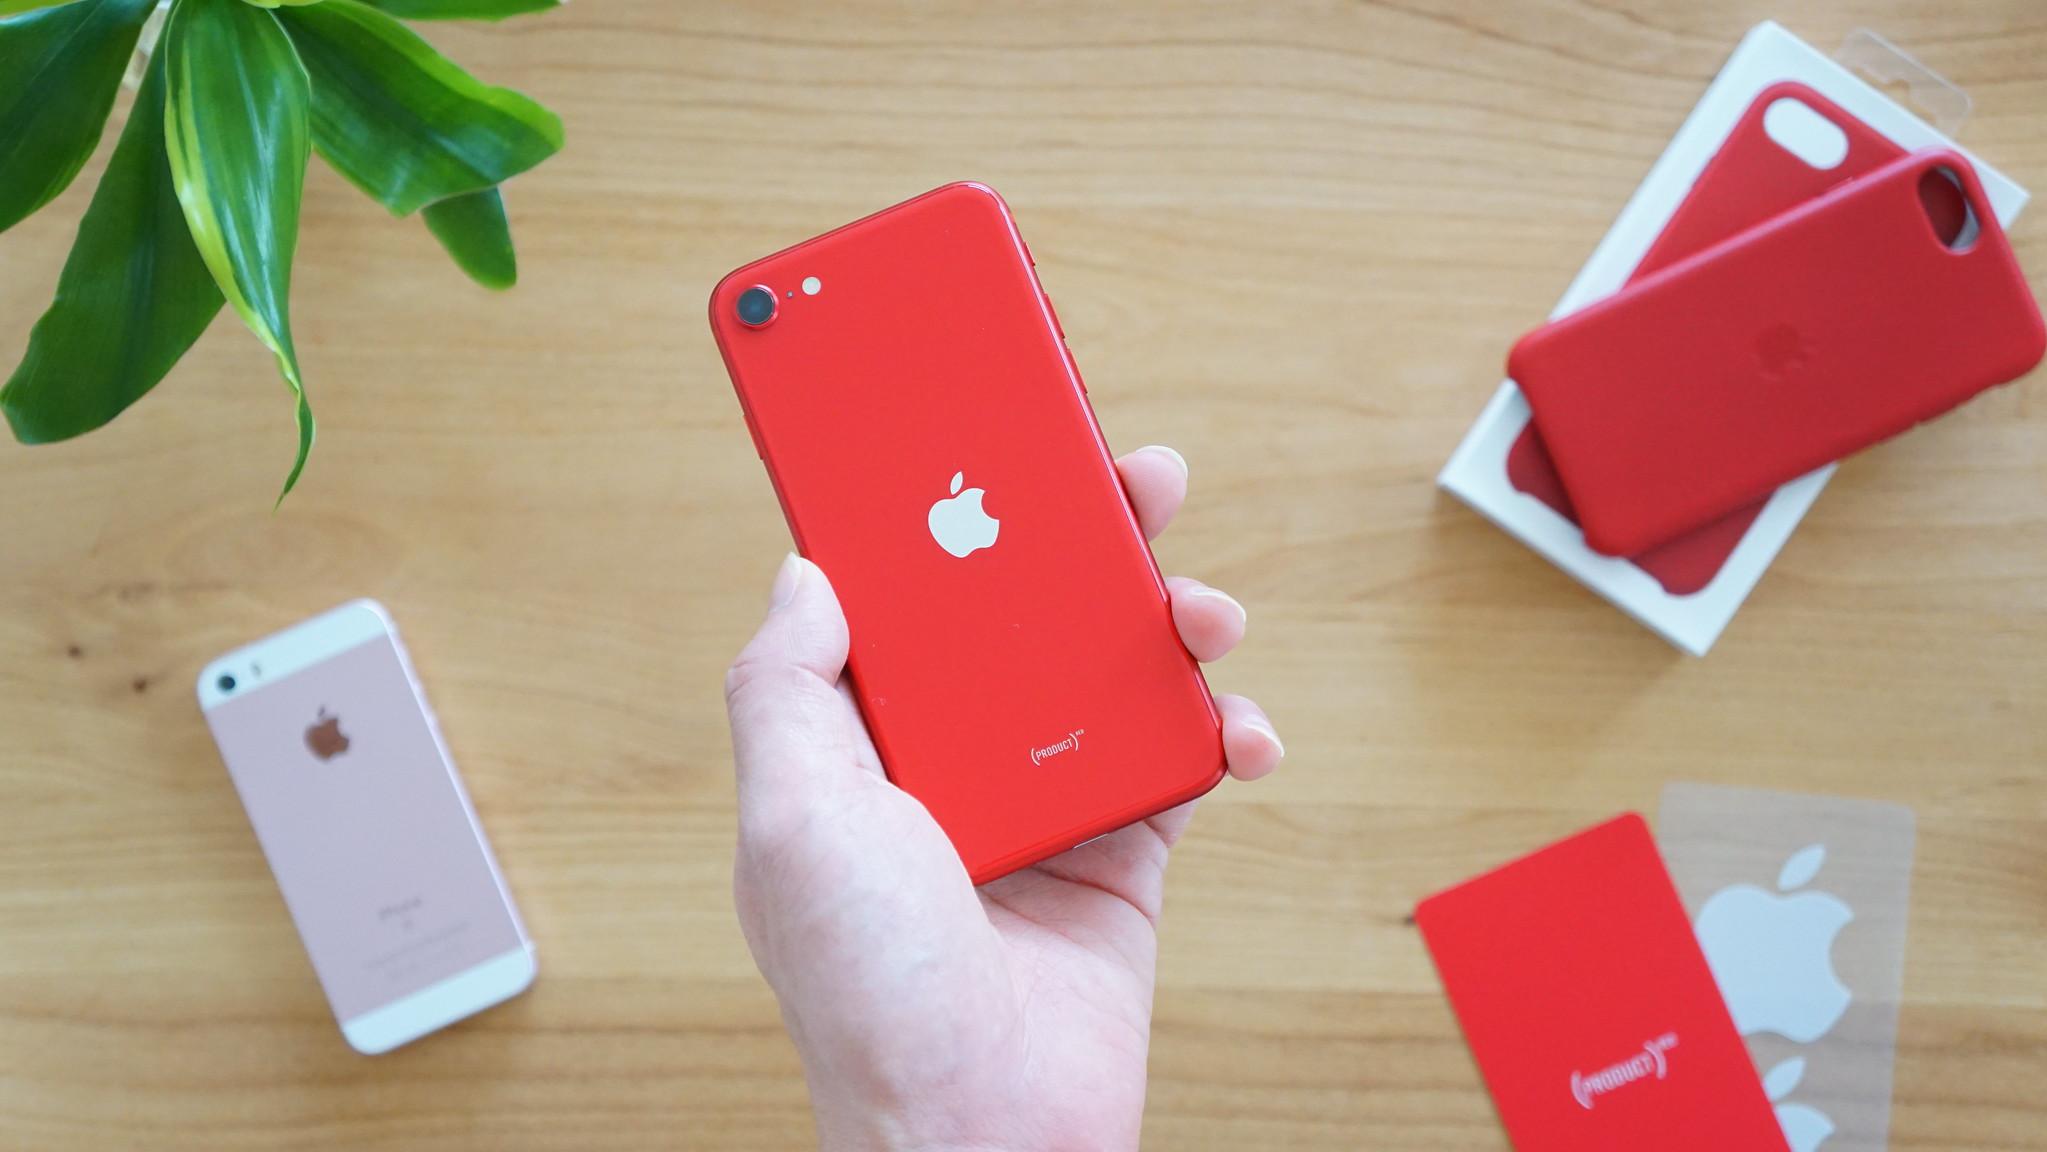 SIMフリー版「iPhone SE」がビックカメラで5000円オフセール